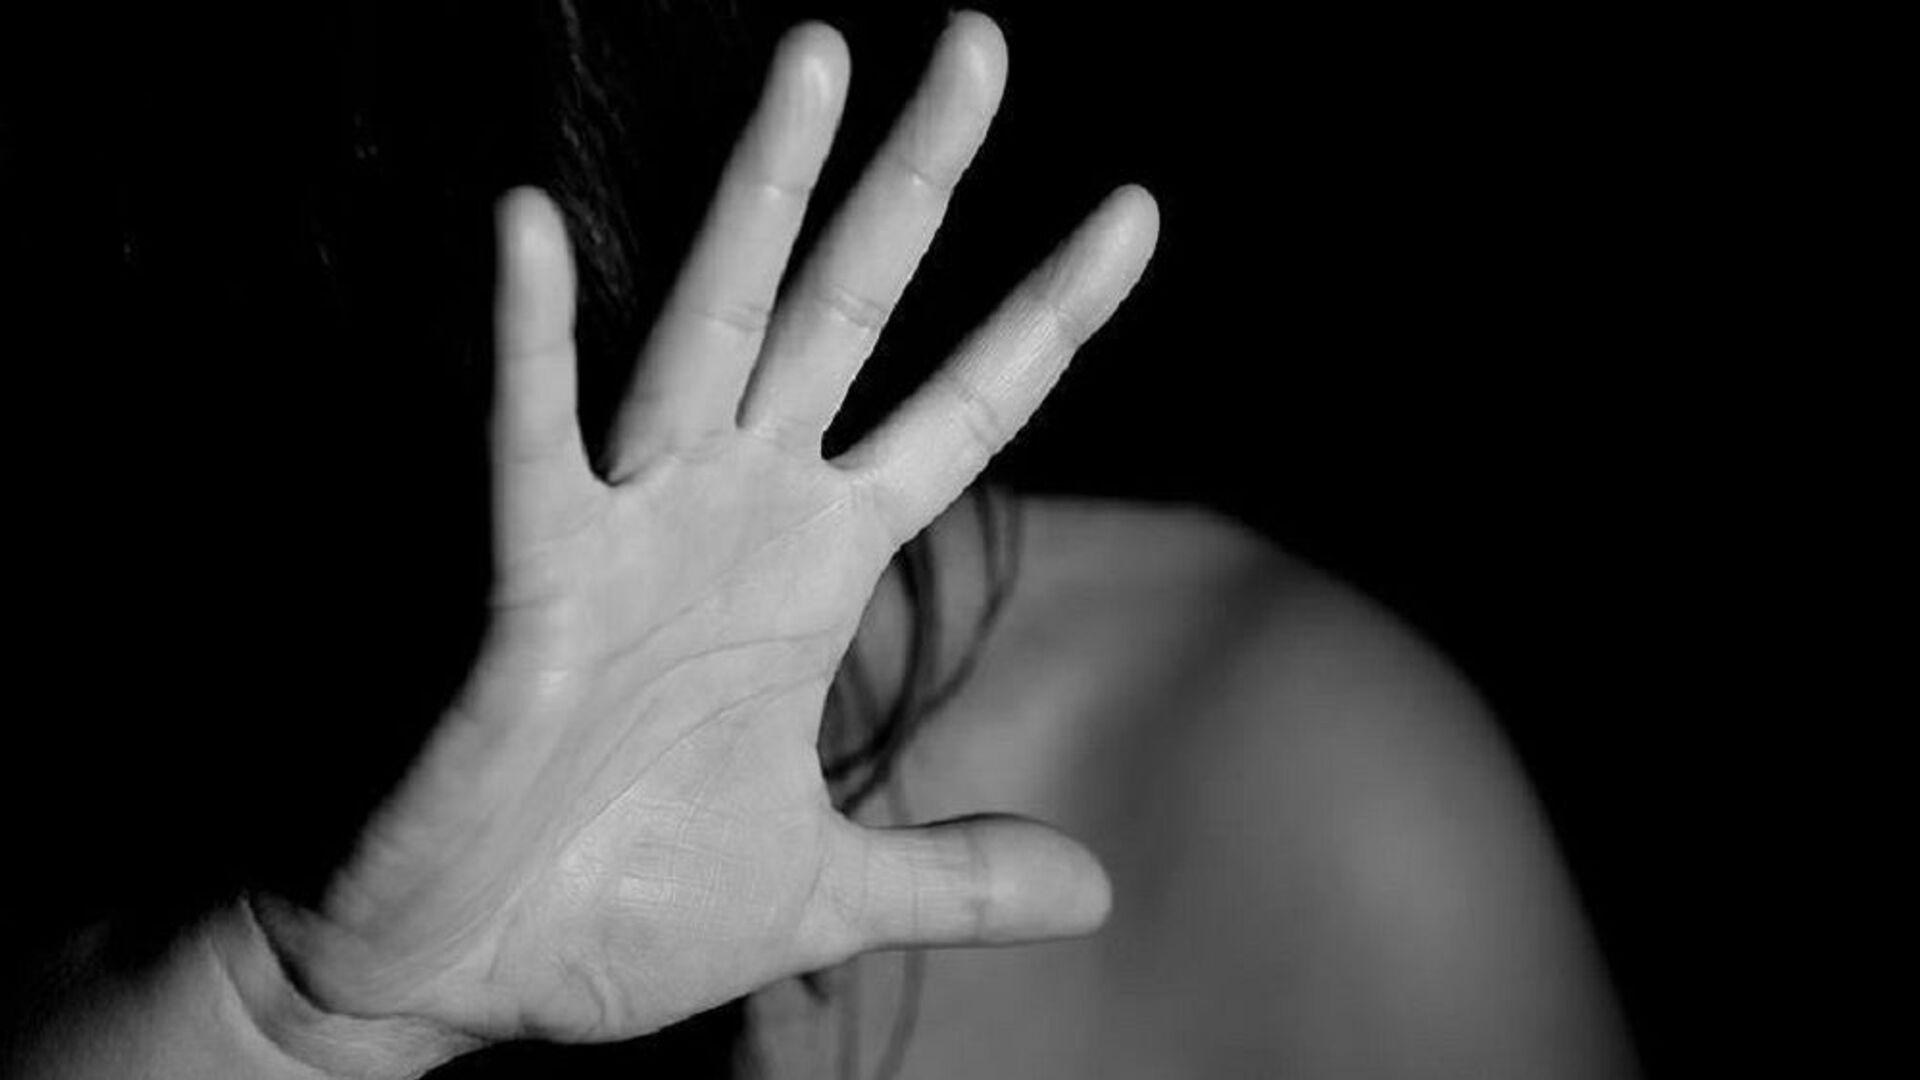 Kadına şiddet, taciz, cinsel saldırı - Sputnik Türkiye, 1920, 10.09.2021